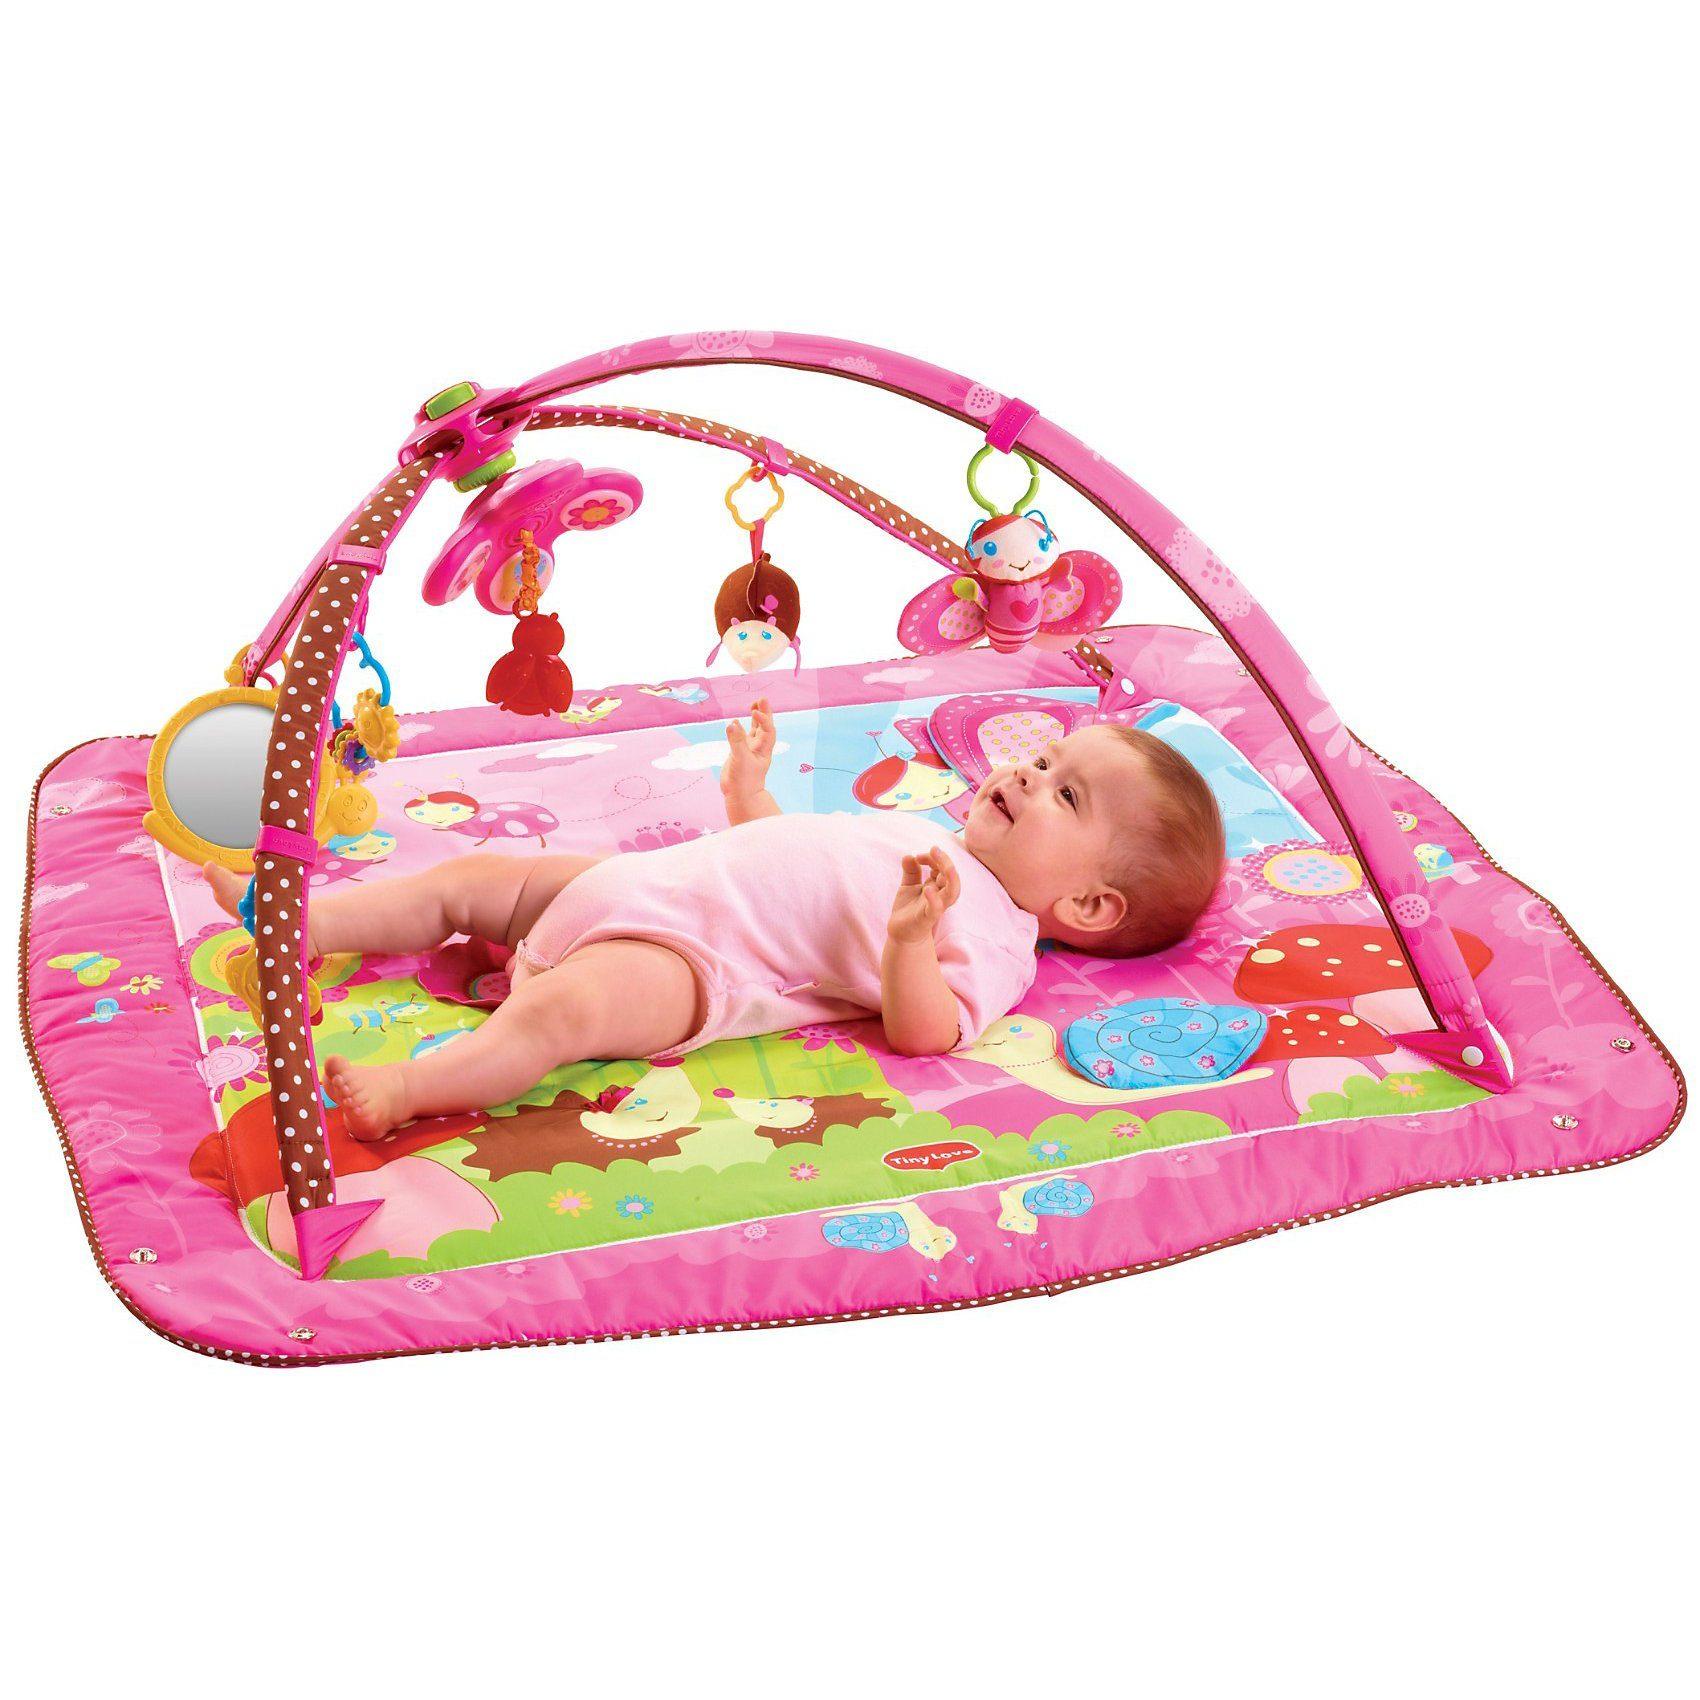 Tiny Love - Activity-Center Move&Play Tiny Princess